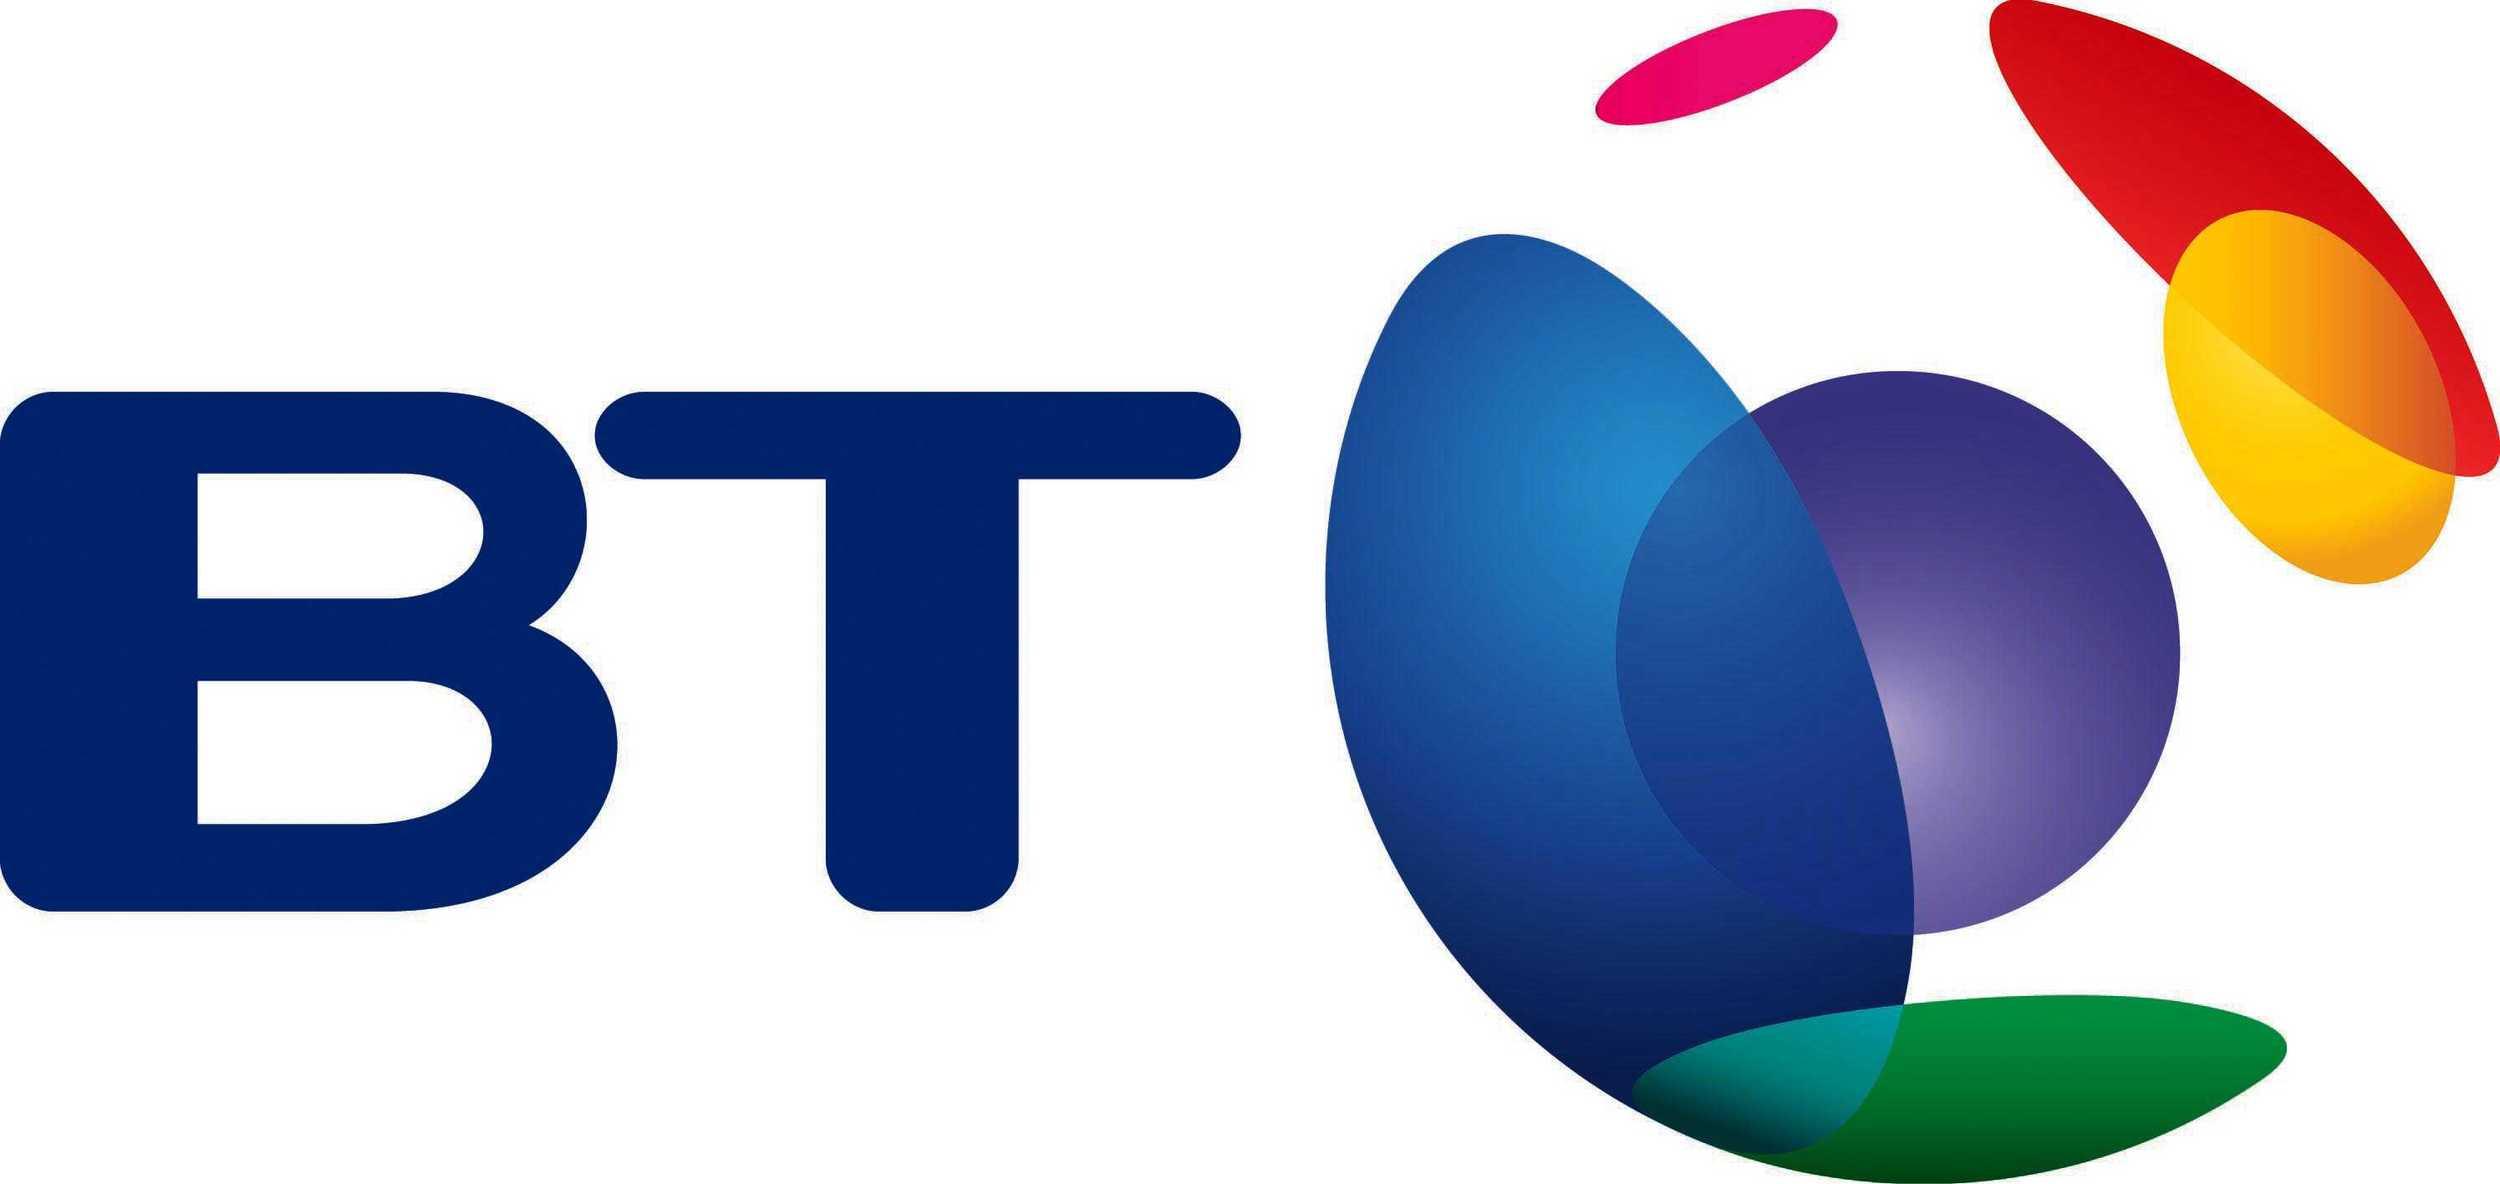 BT-logo1.jpg